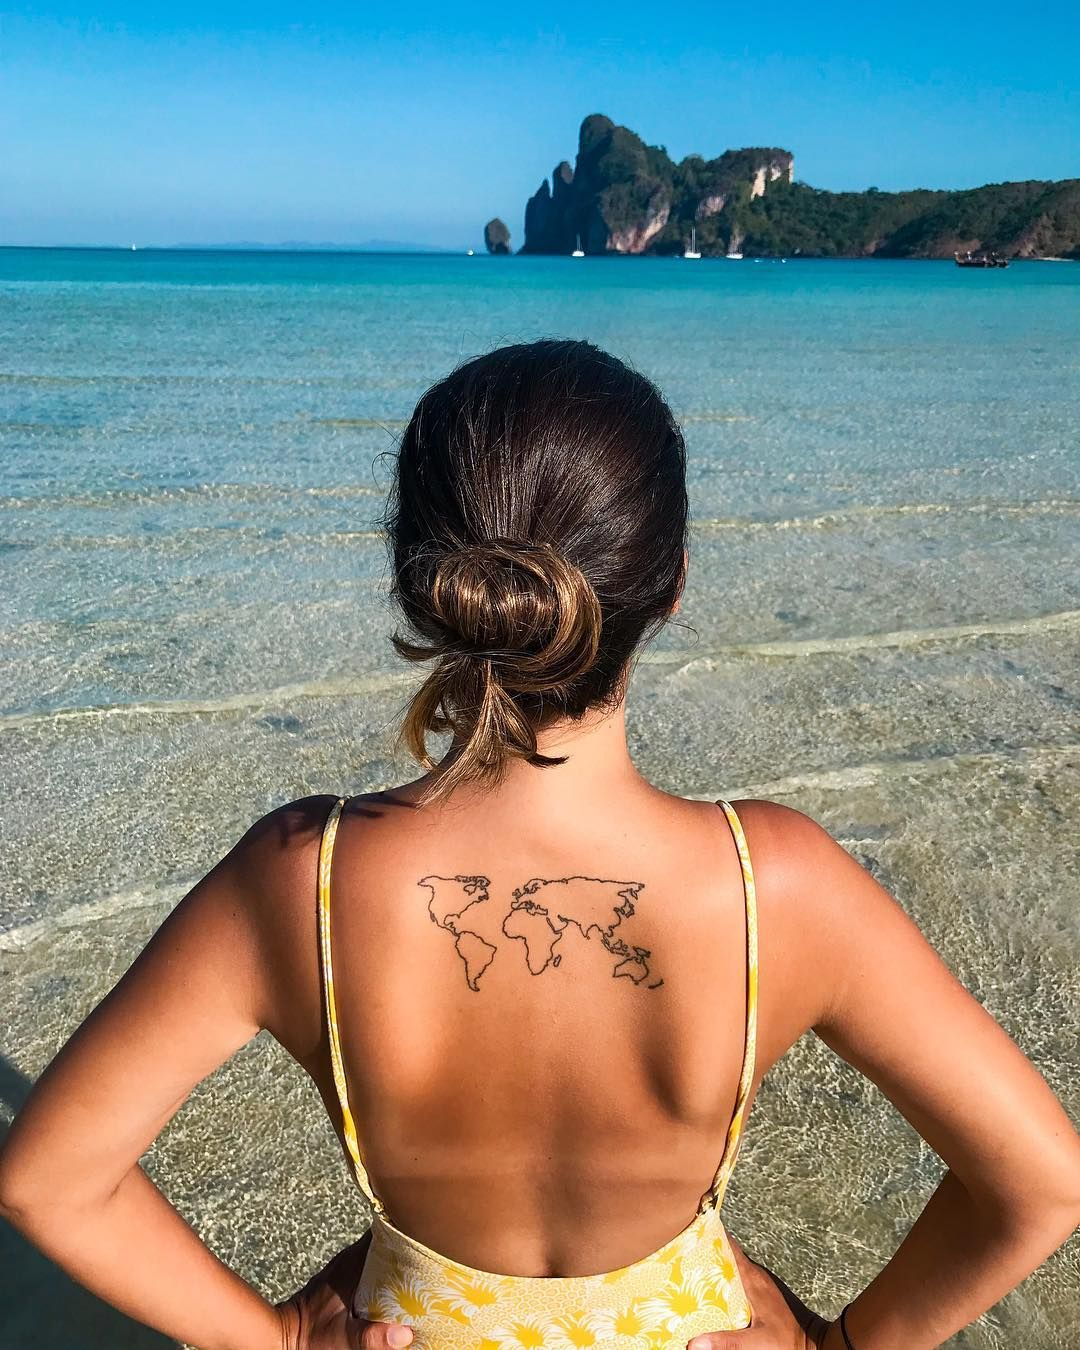 101 einzigartige Reise-Tattoos, die Ihr ewiges Fernweh befeuern   – Tattoos!